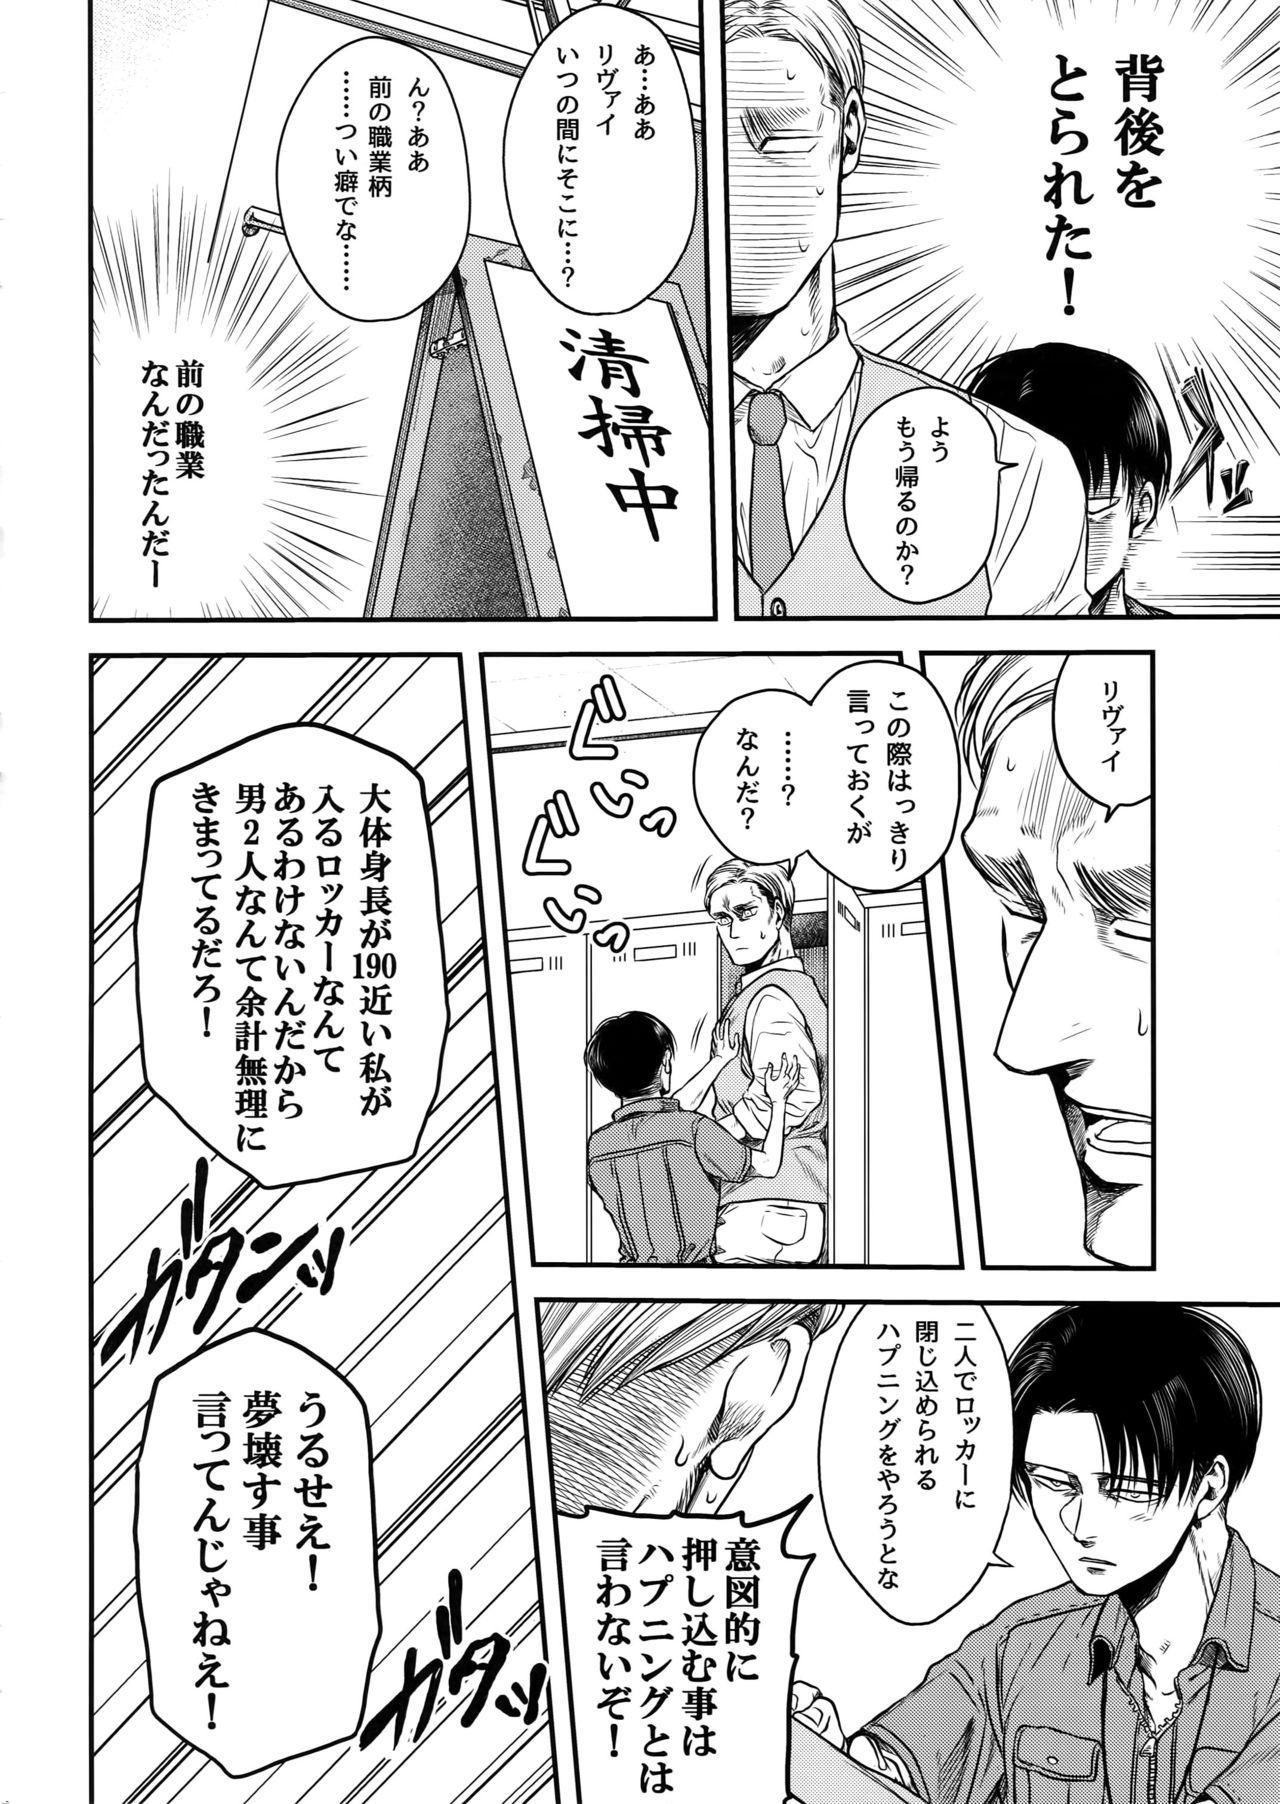 Rekishi Kyoushi to Seisouin 4